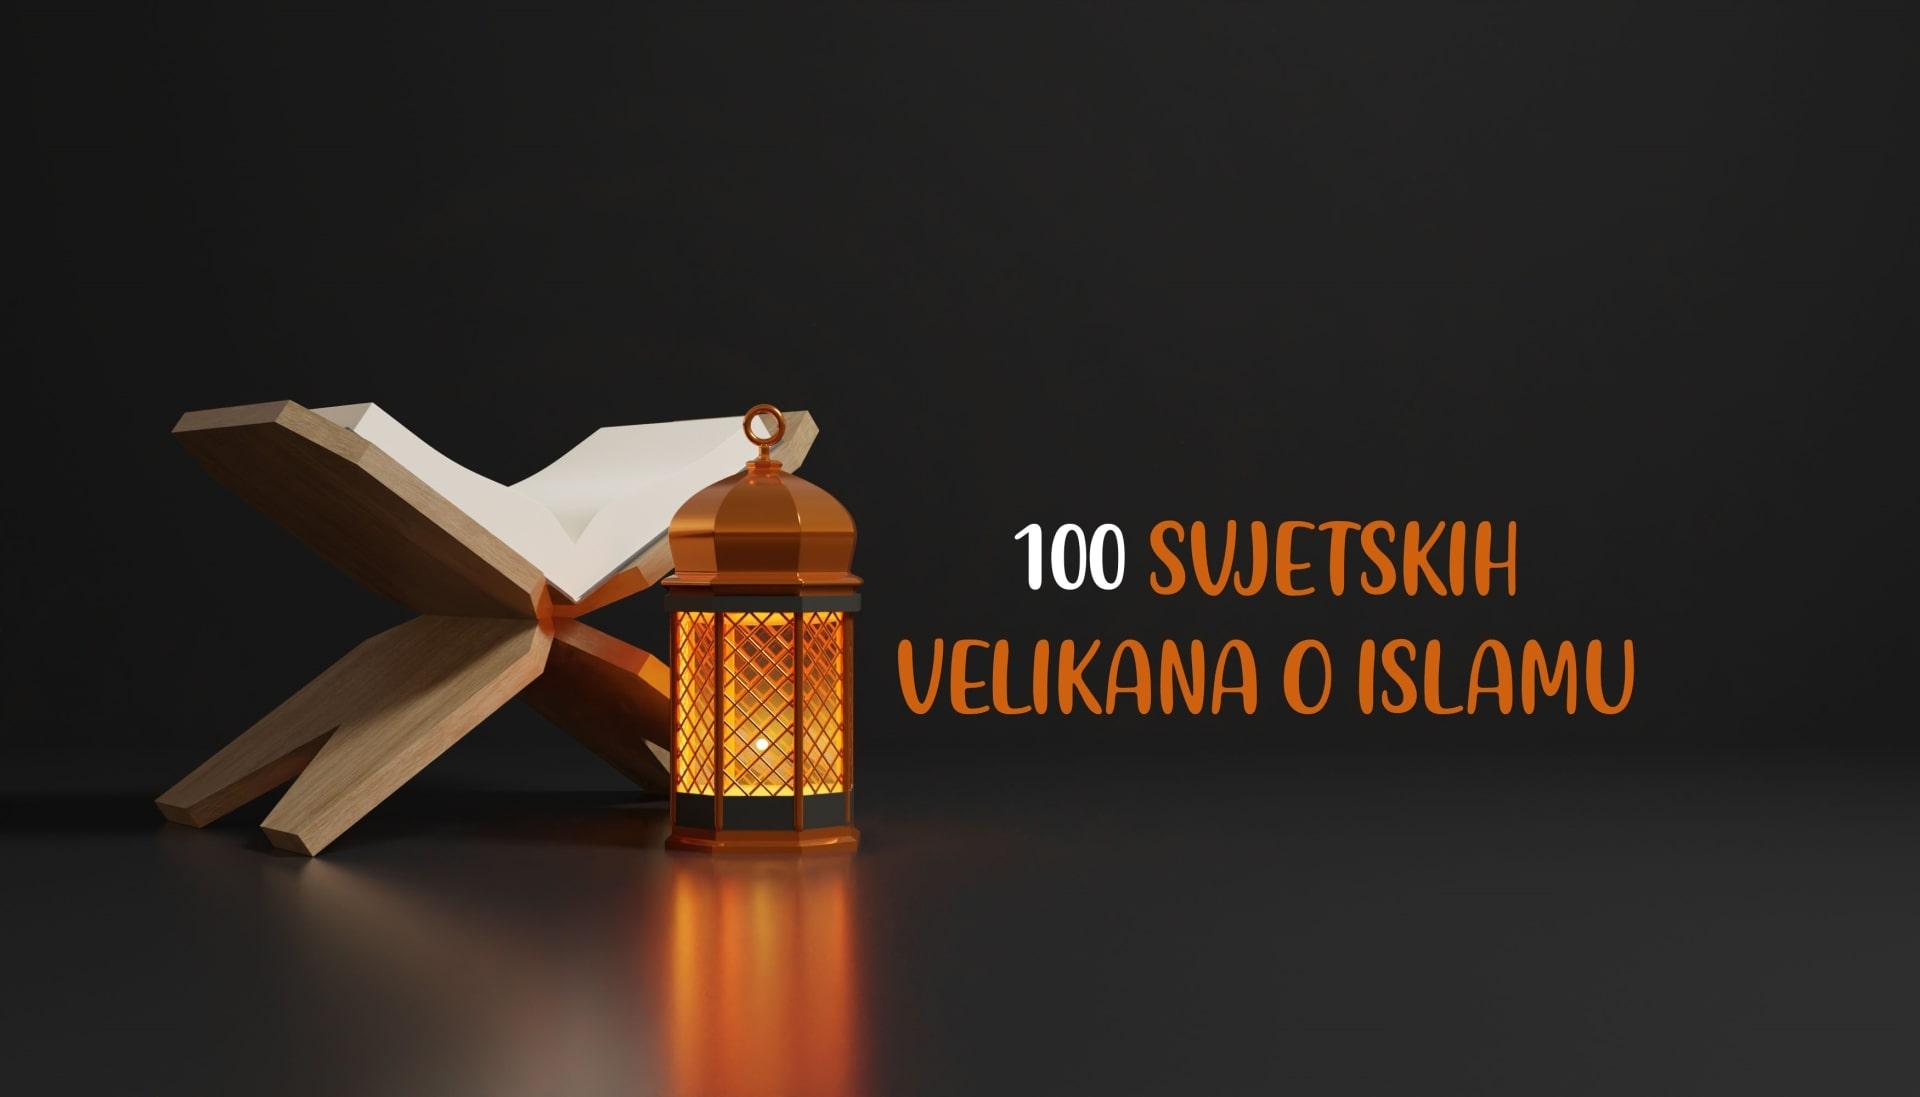 100 svjetskih velikana o islamu - Čarls R. Vatson